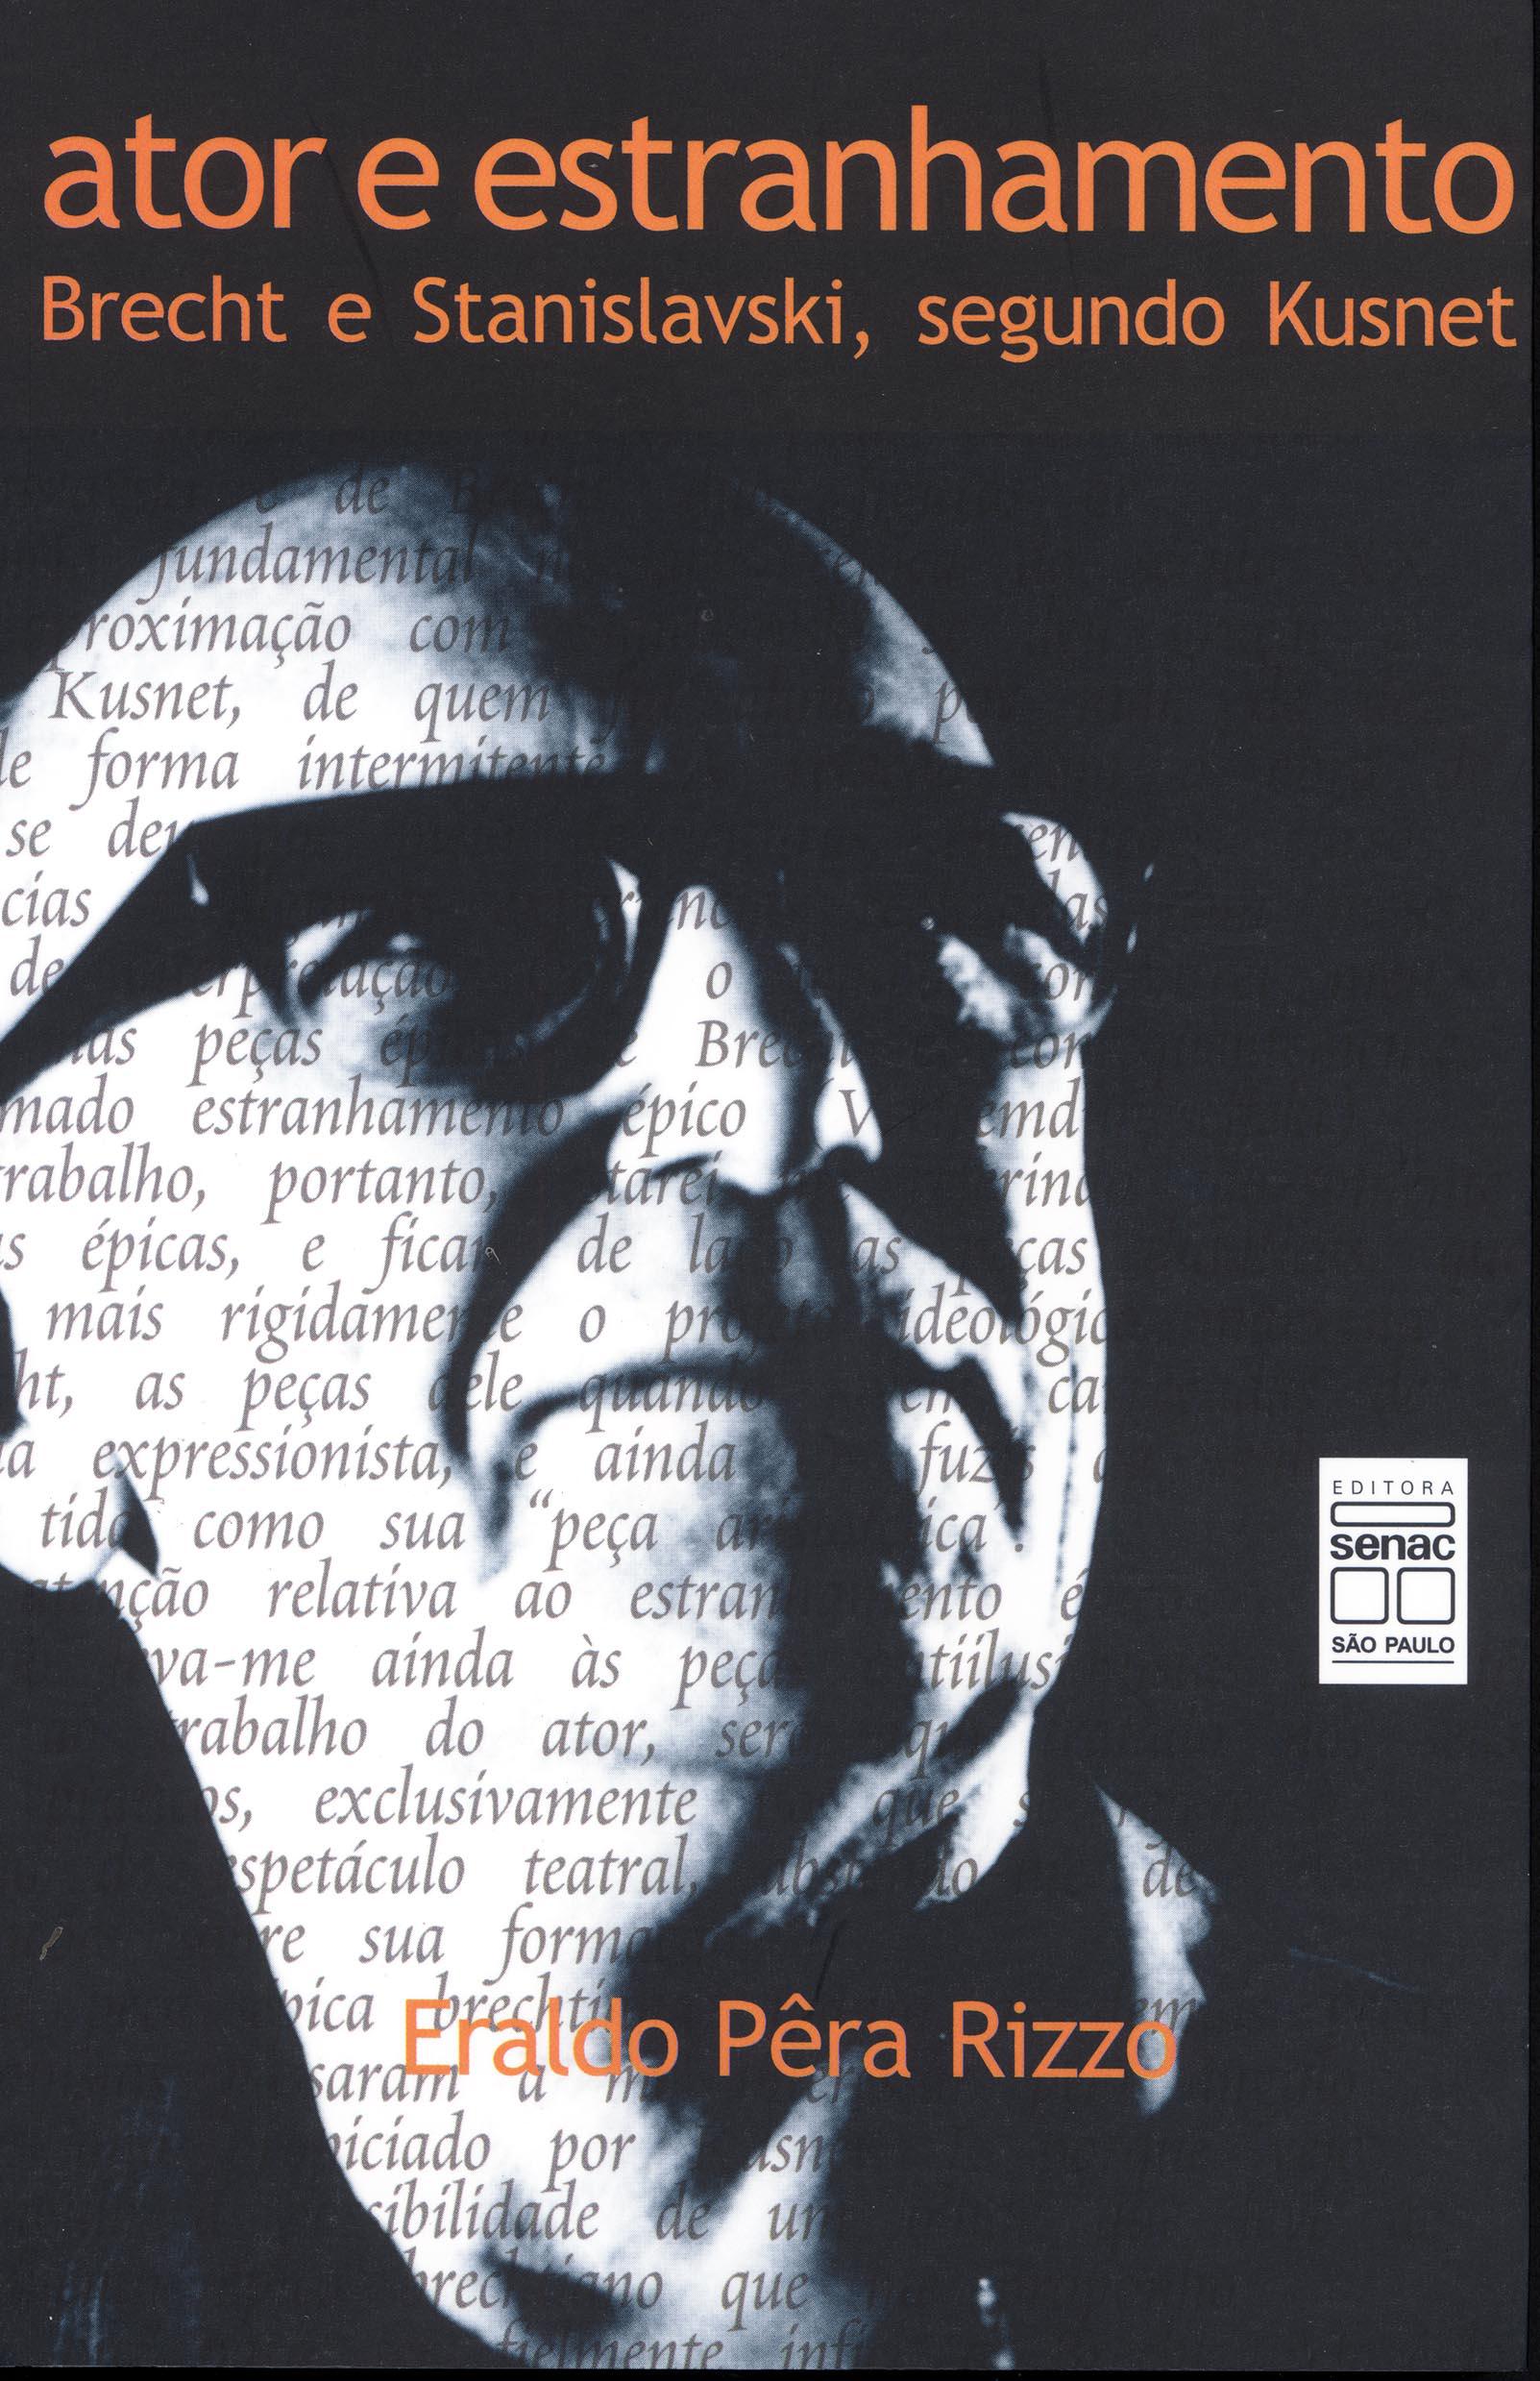 Ator e estranhamento: Brecht e Stanislavski, segundo Kusnet - 3.a EDIÇÃO